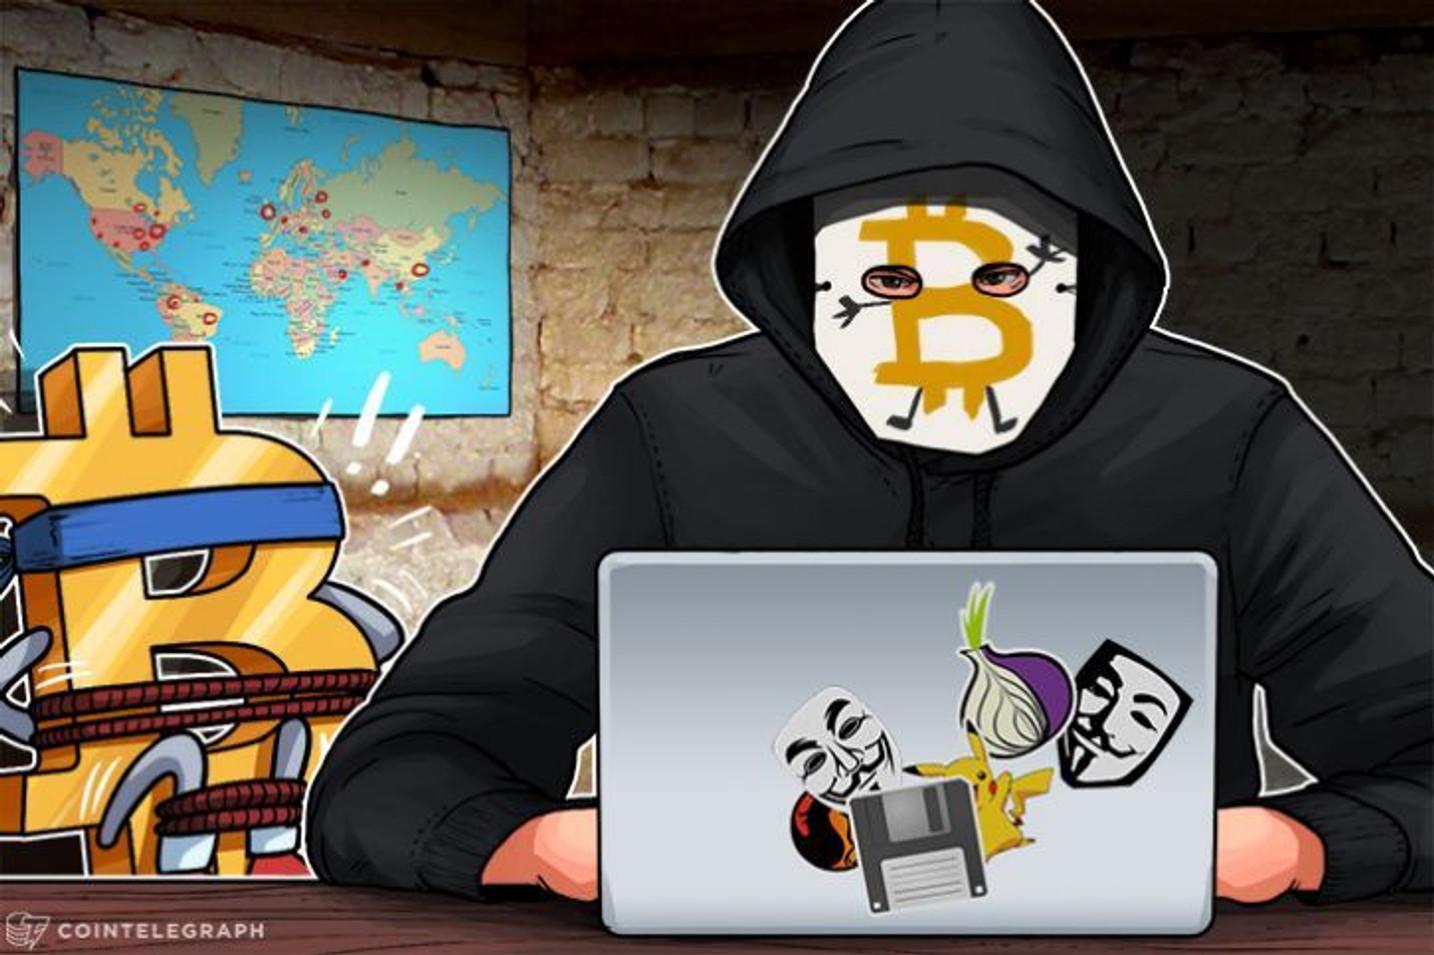 Sitio Latinoamericano de Bitcoin hackeado - 28 Millones de cuentas comprometidas